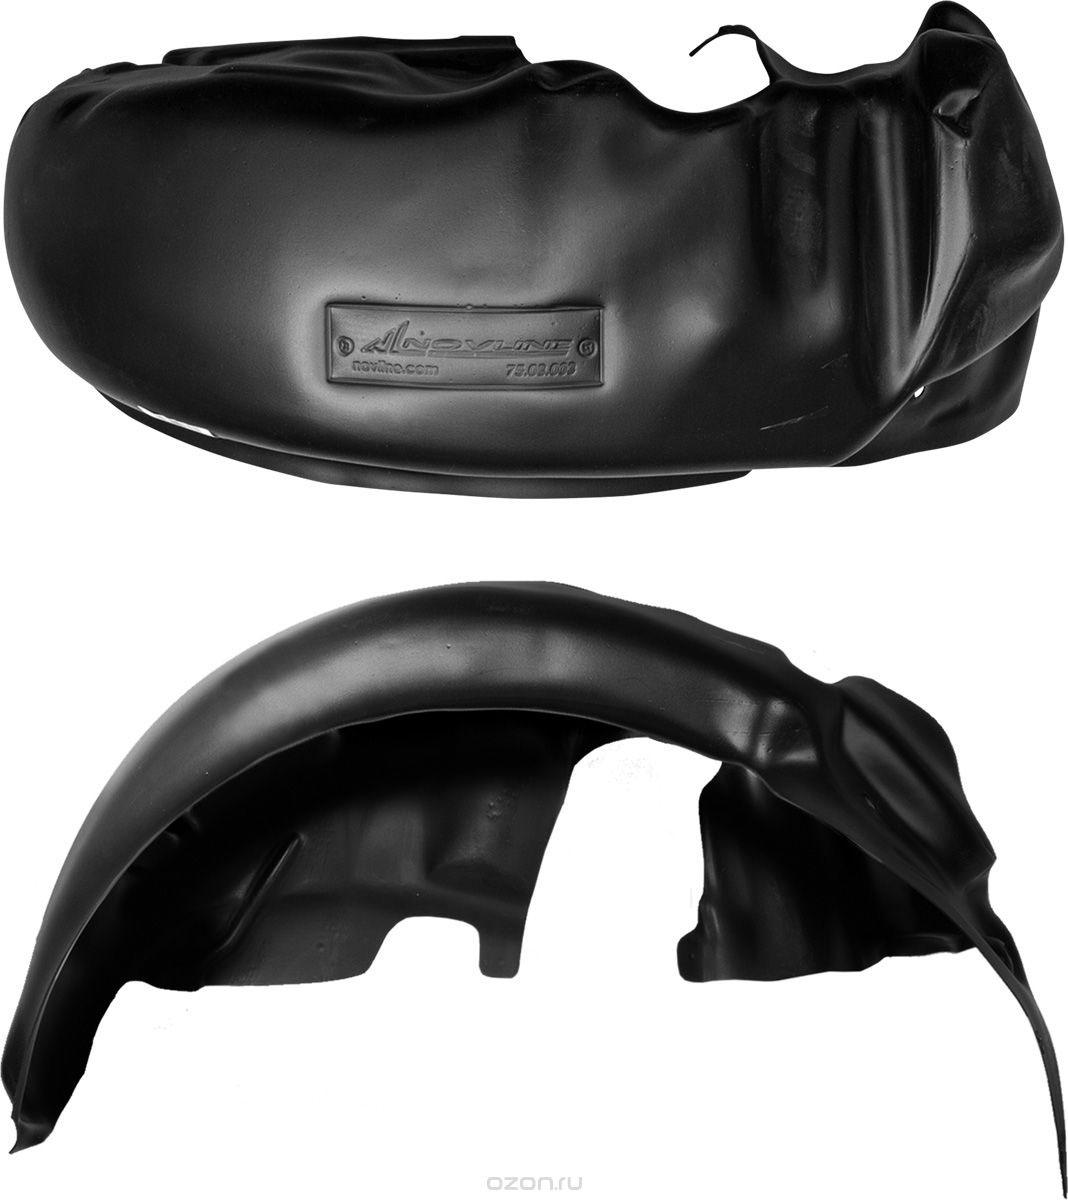 Подкрылок Novline-Autofamily, для TOYOTA Highlander, 2013->, задний левыйMW-3101Идеальная защита колесной ниши. Локеры разработаны с применением цифровых технологий, гарантируют максимальную повторяемость поверхности арки. Изделия устанавливаются без нарушения лакокрасочного покрытия автомобиля, каждый подкрылок комплектуется крепежом. Уважаемые клиенты, обращаем ваше внимание, что фотографии на подкрылки универсальные и не отражают реальную форму изделия. При этом само изделие идет точно под размер указанного автомобиля.